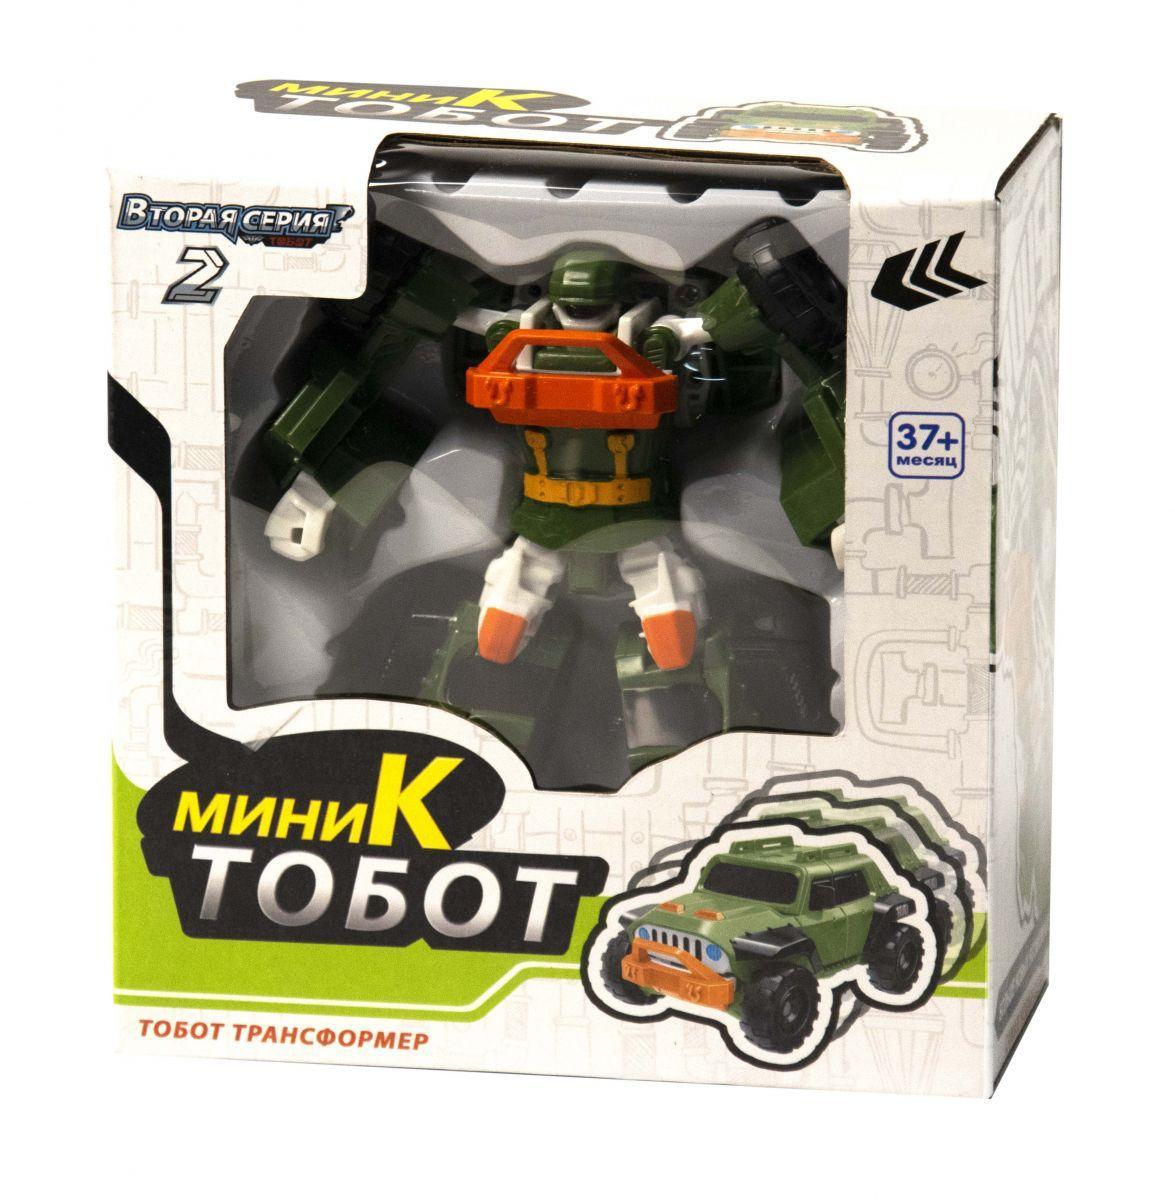 Машина-трансформер Тобот K мини